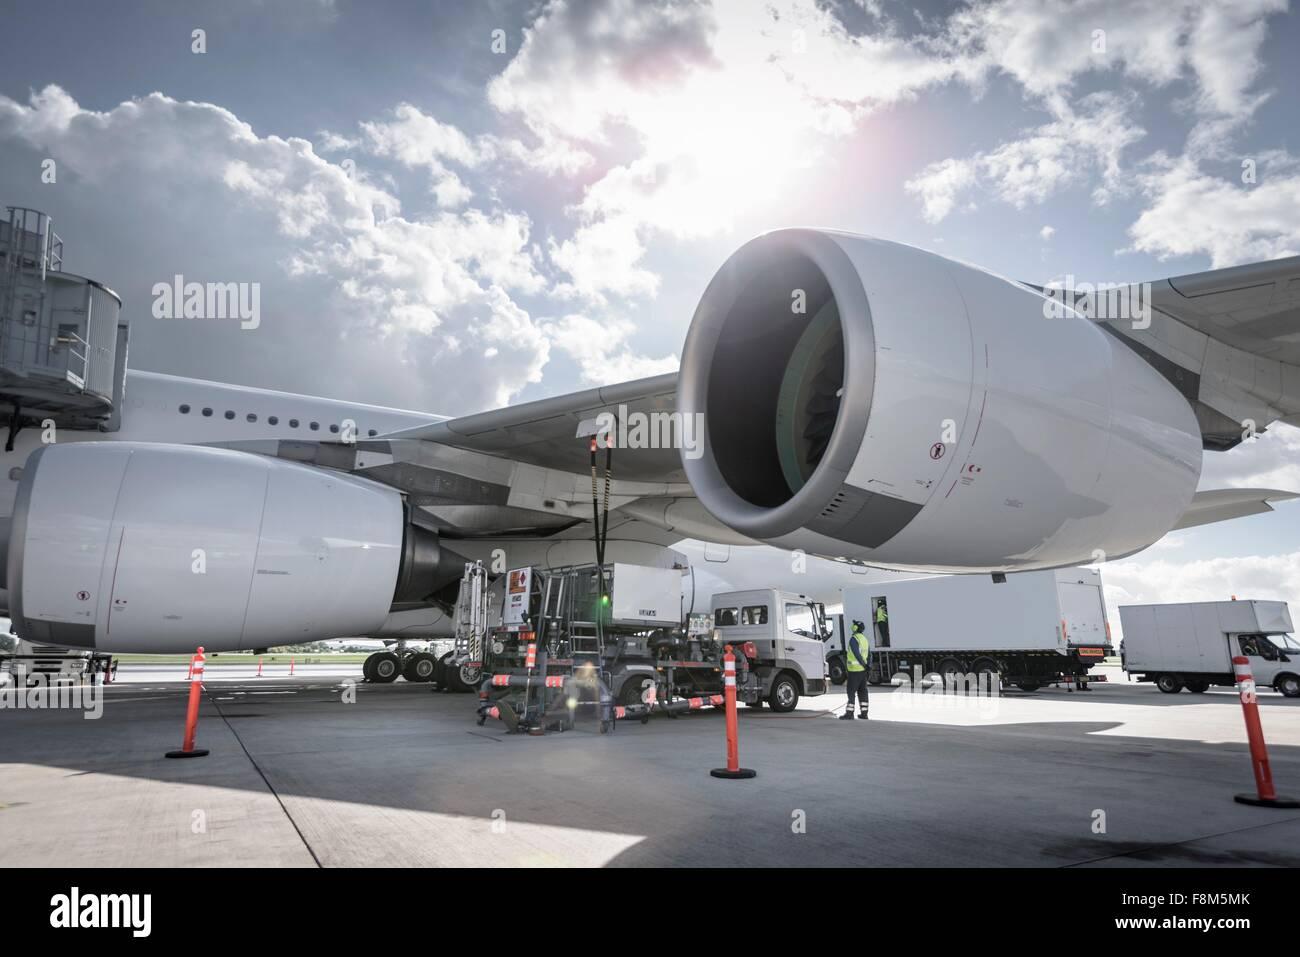 Aviones A380 repostados en el aeropuerto Imagen De Stock